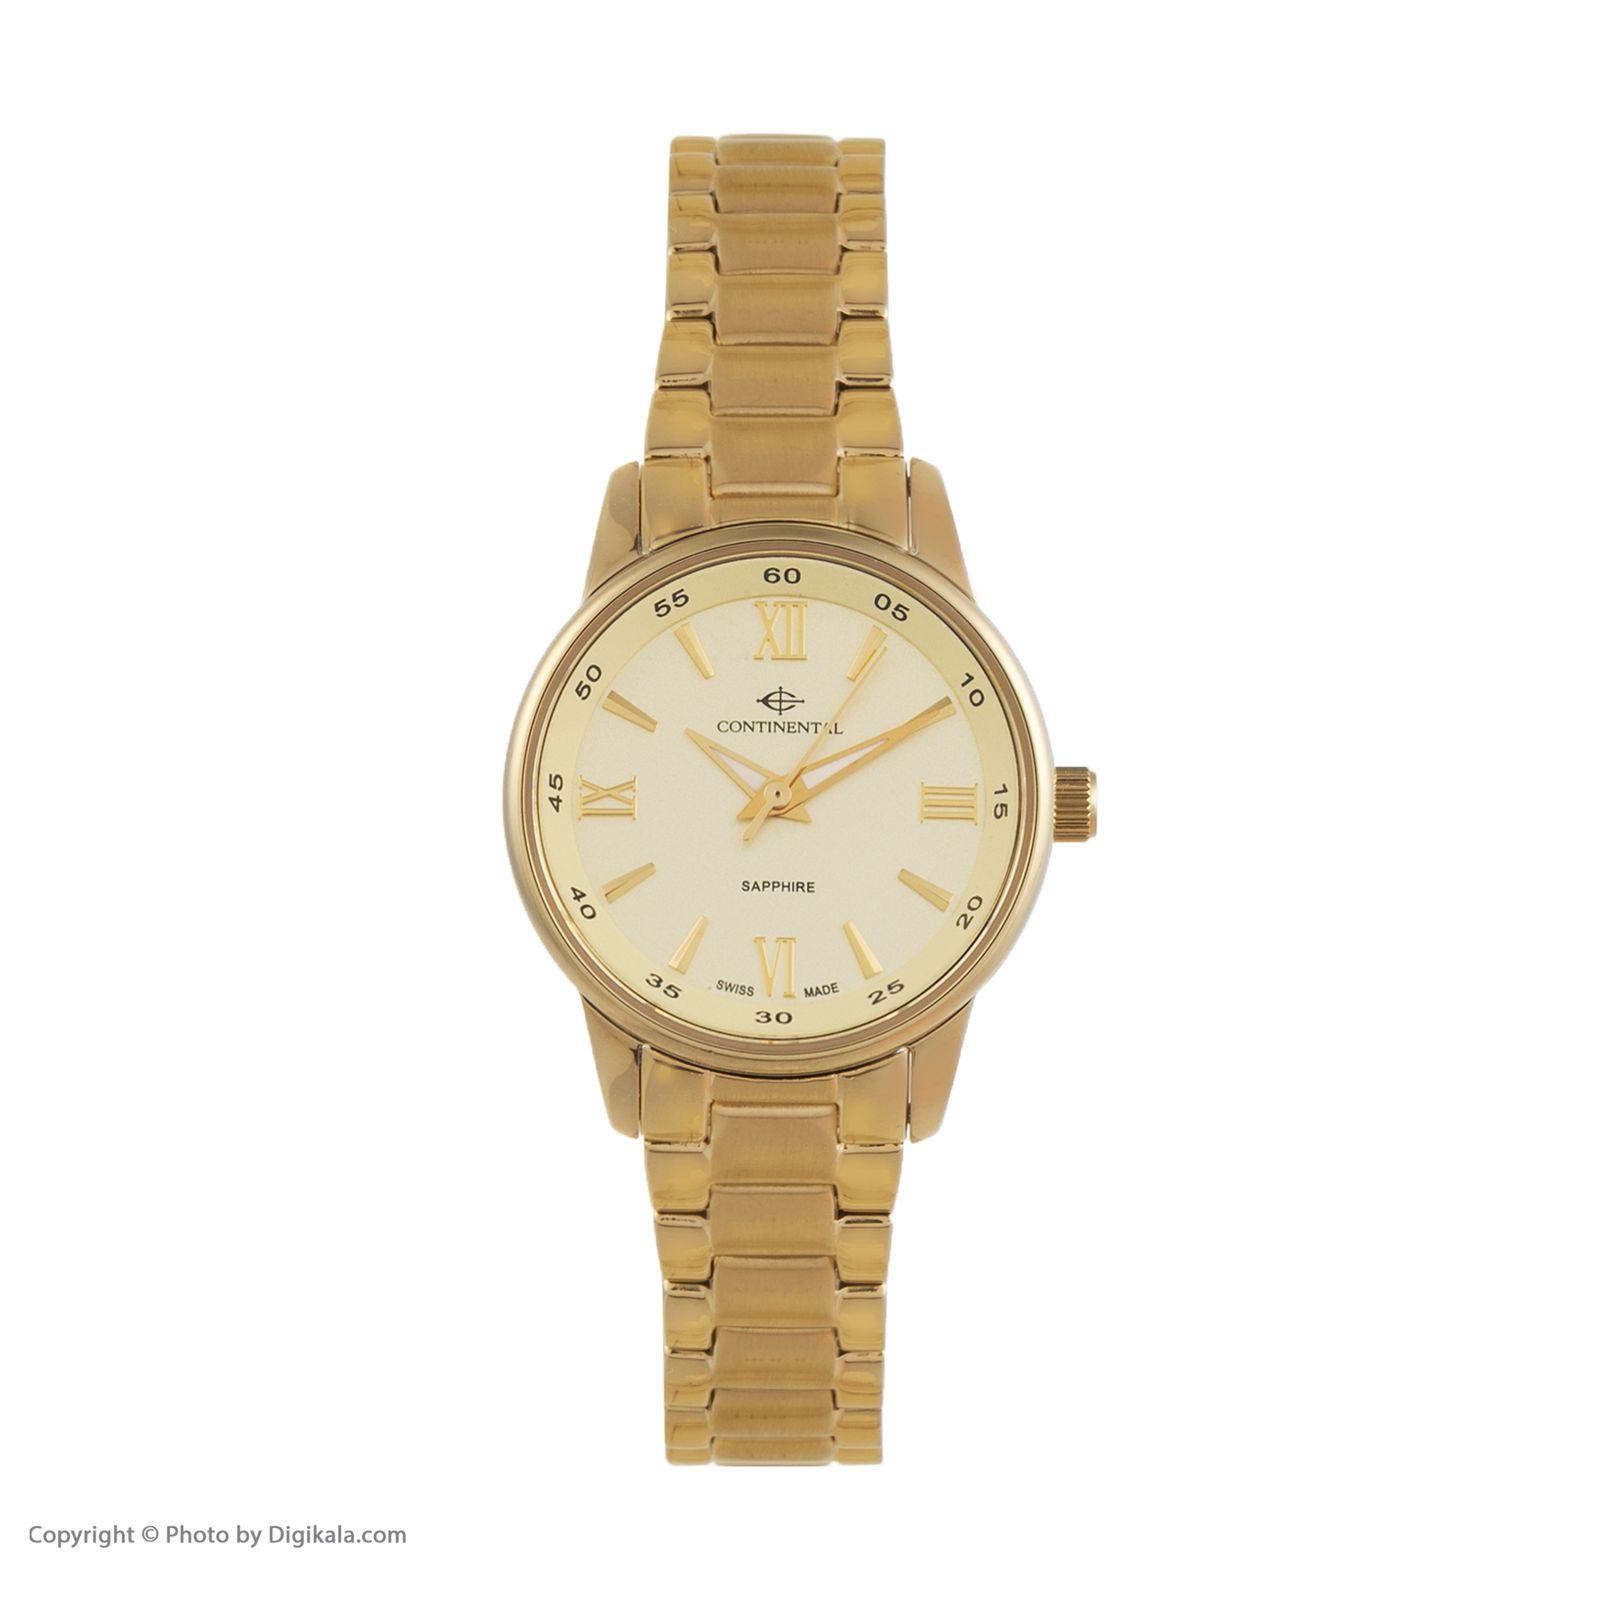 ساعت مچی عقربه ای زنانه کنتیننتال مدل 16204-lt202330 -  - 1